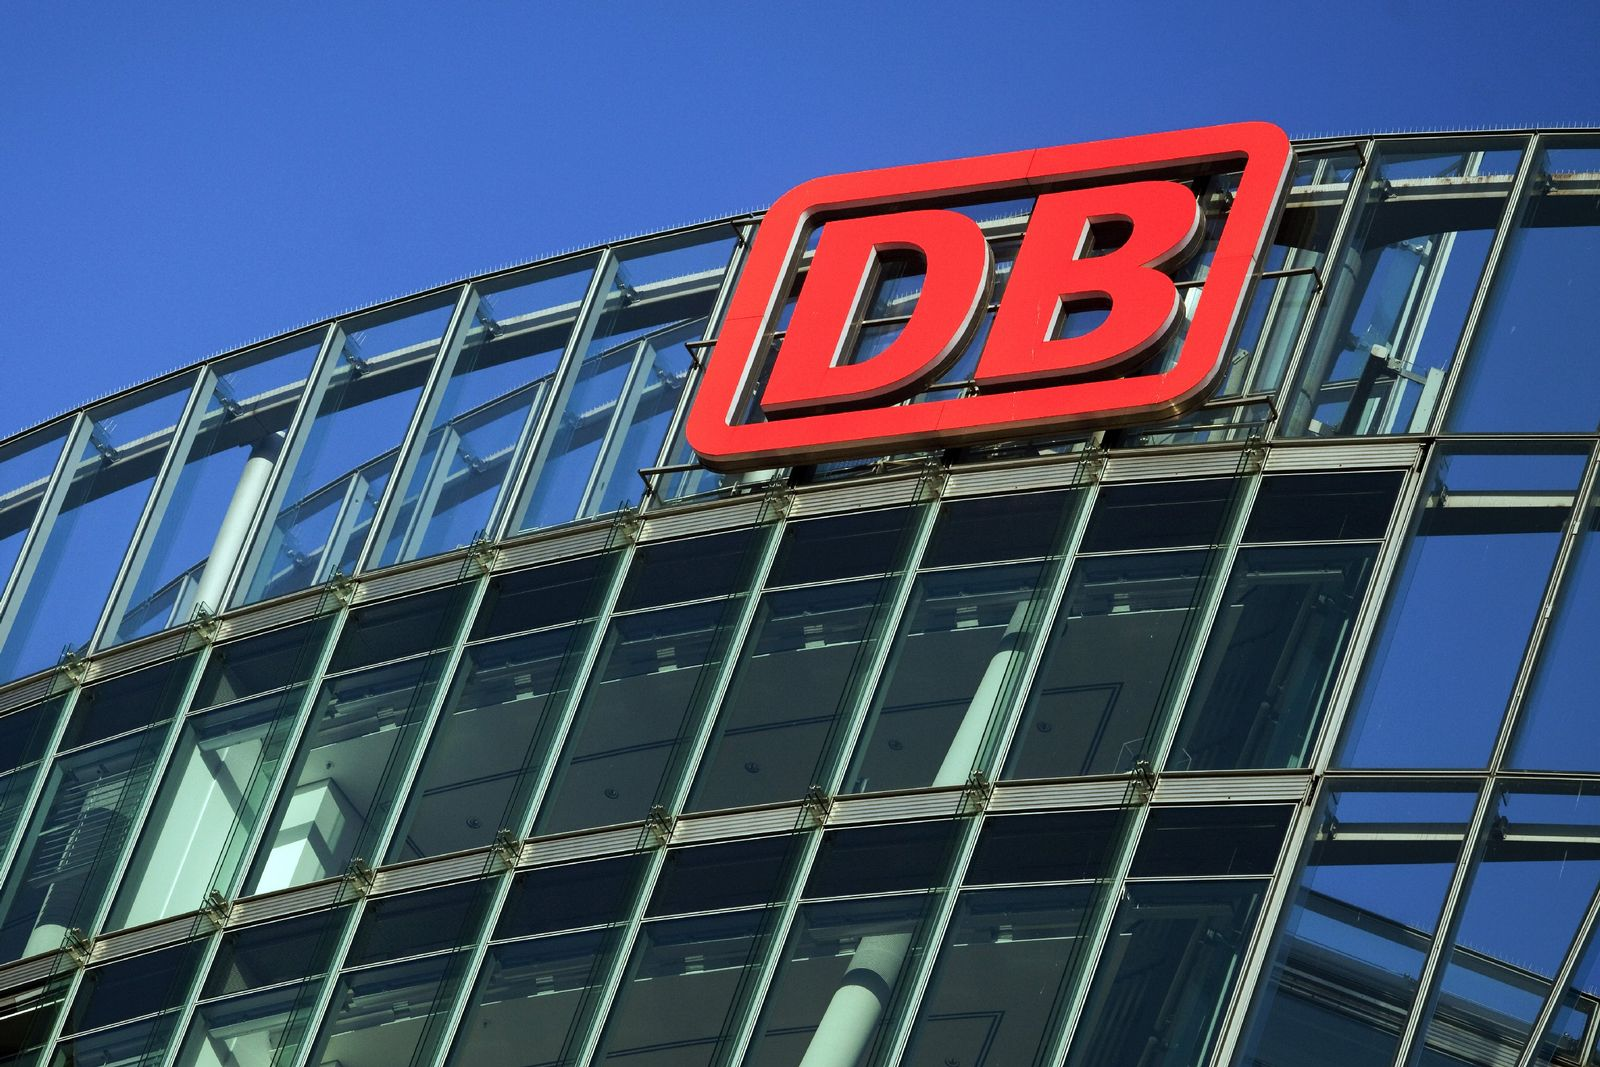 Deutsche Bahn / Zentrale